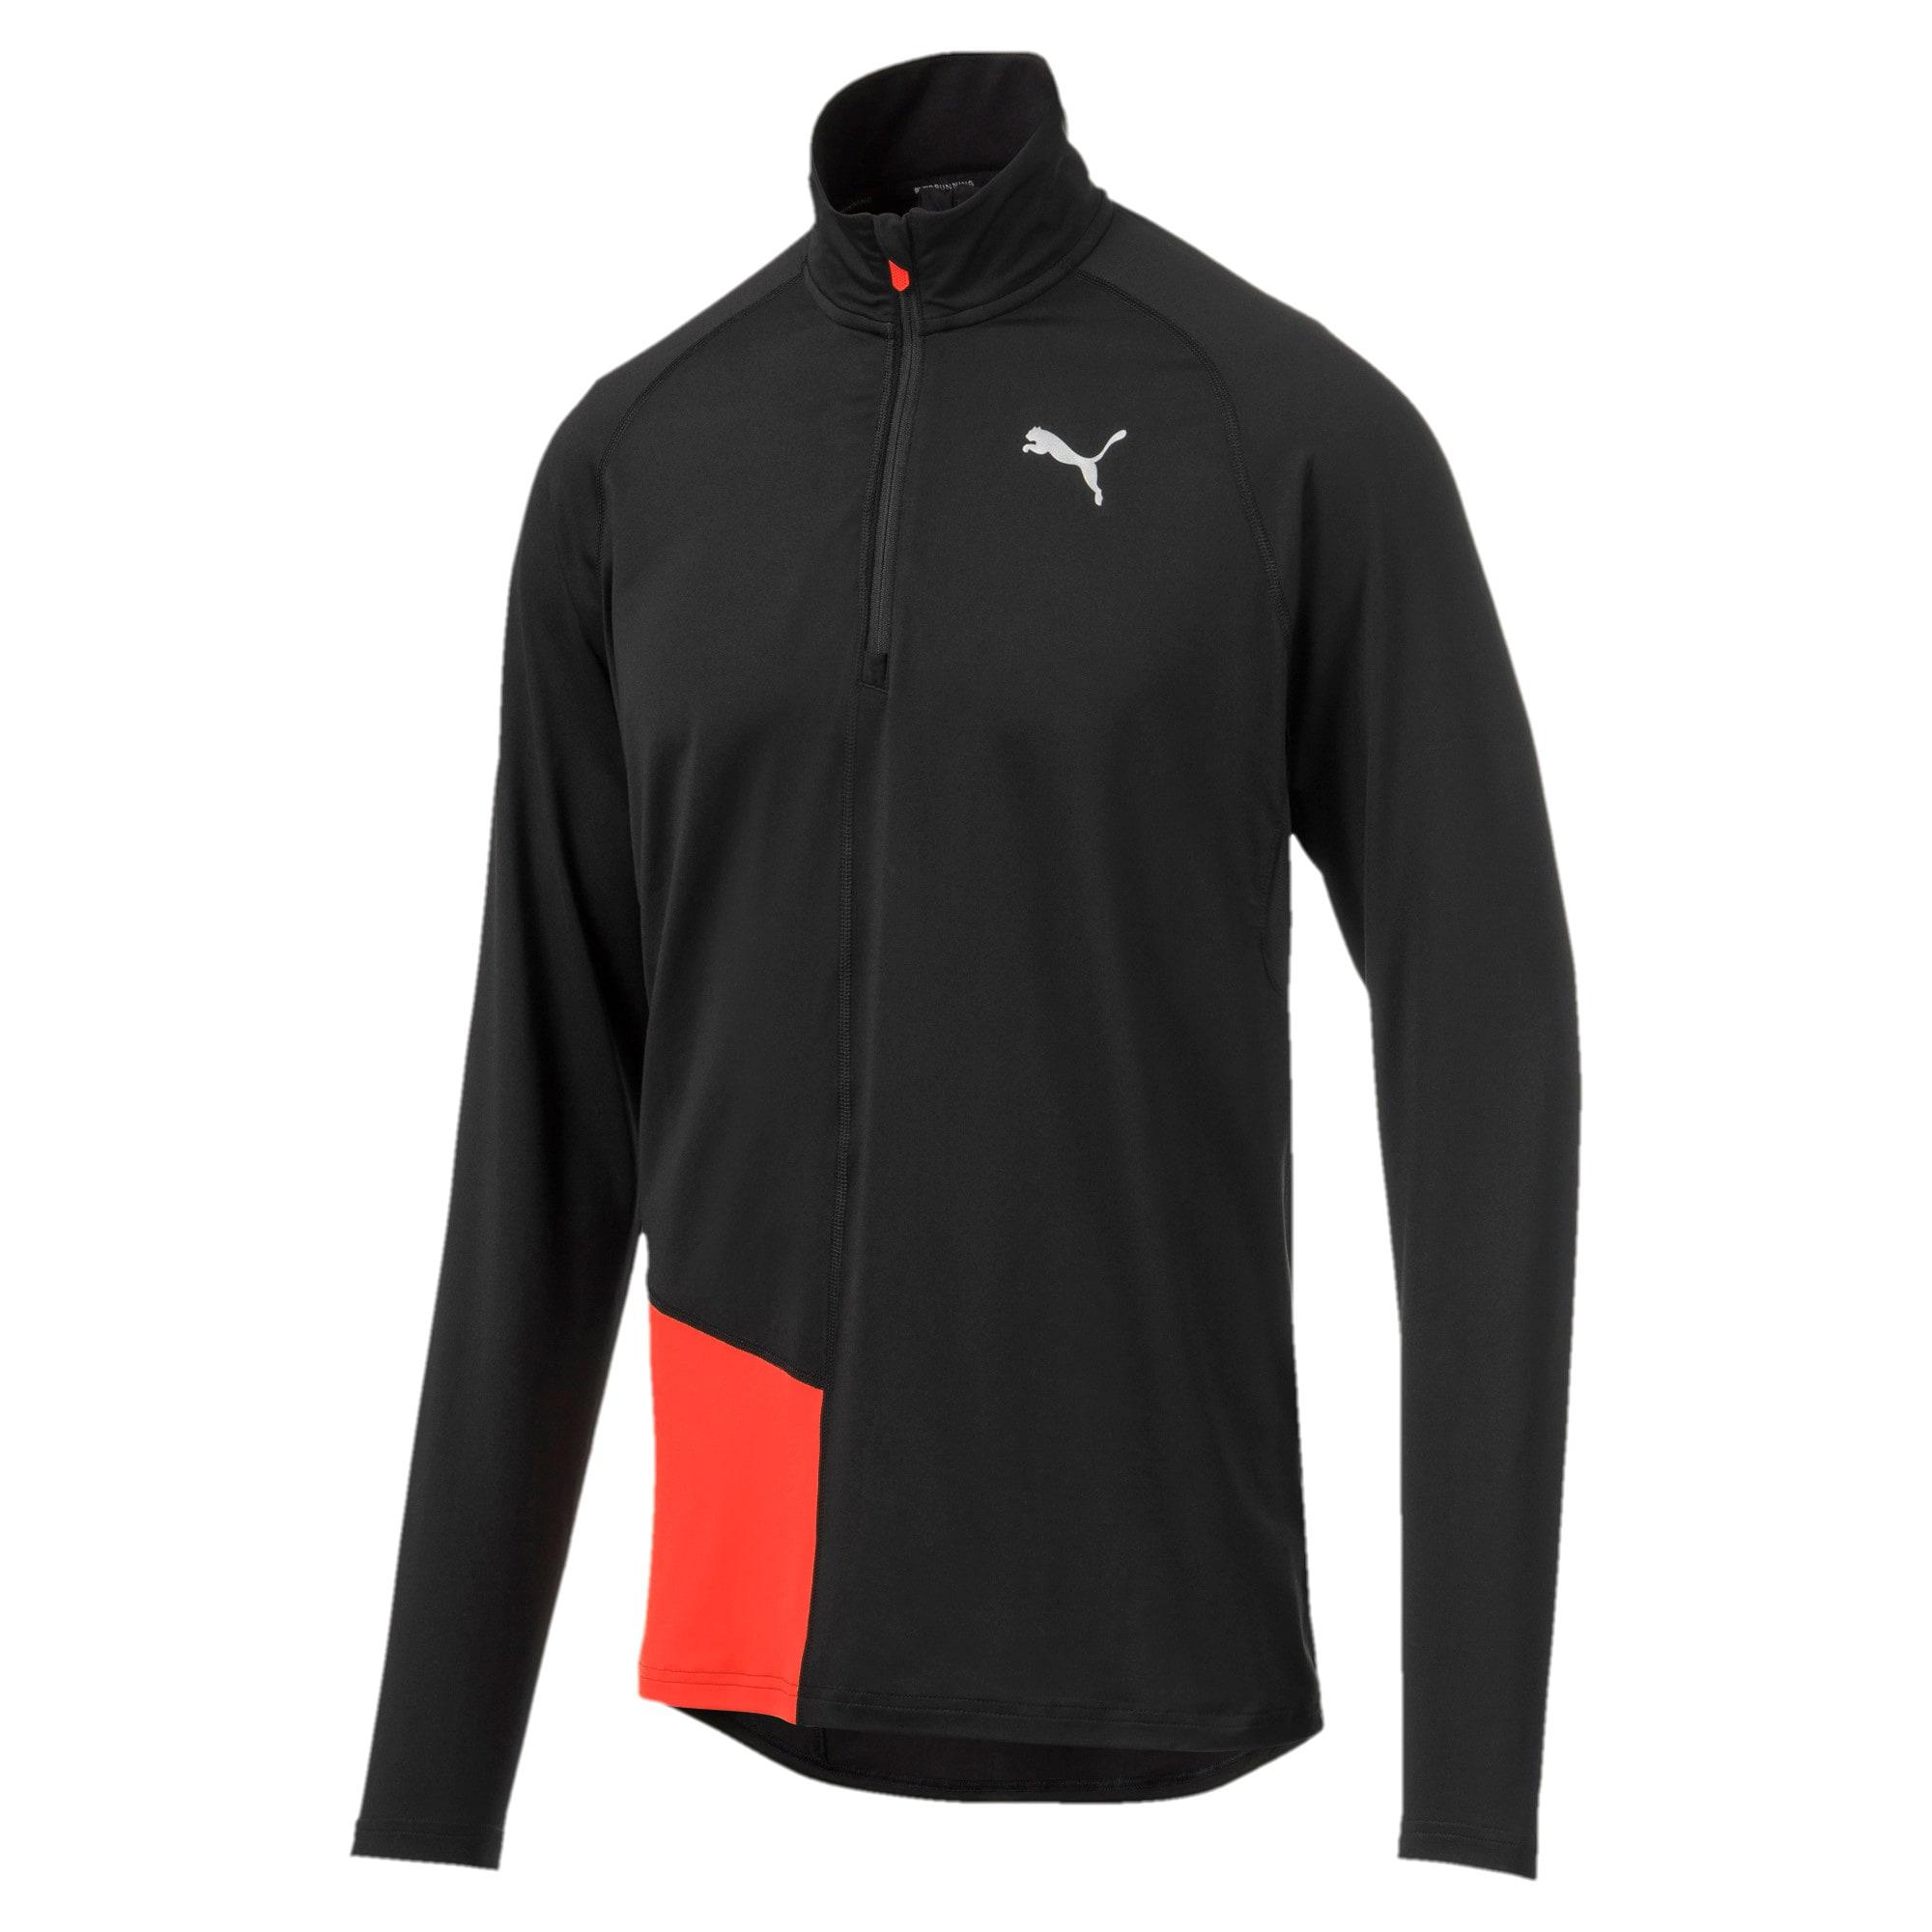 Miniatura 3 de Camiseta sin mangasIgnitecon cierre corto para hombre, Puma Black-Nrgy Red, mediano